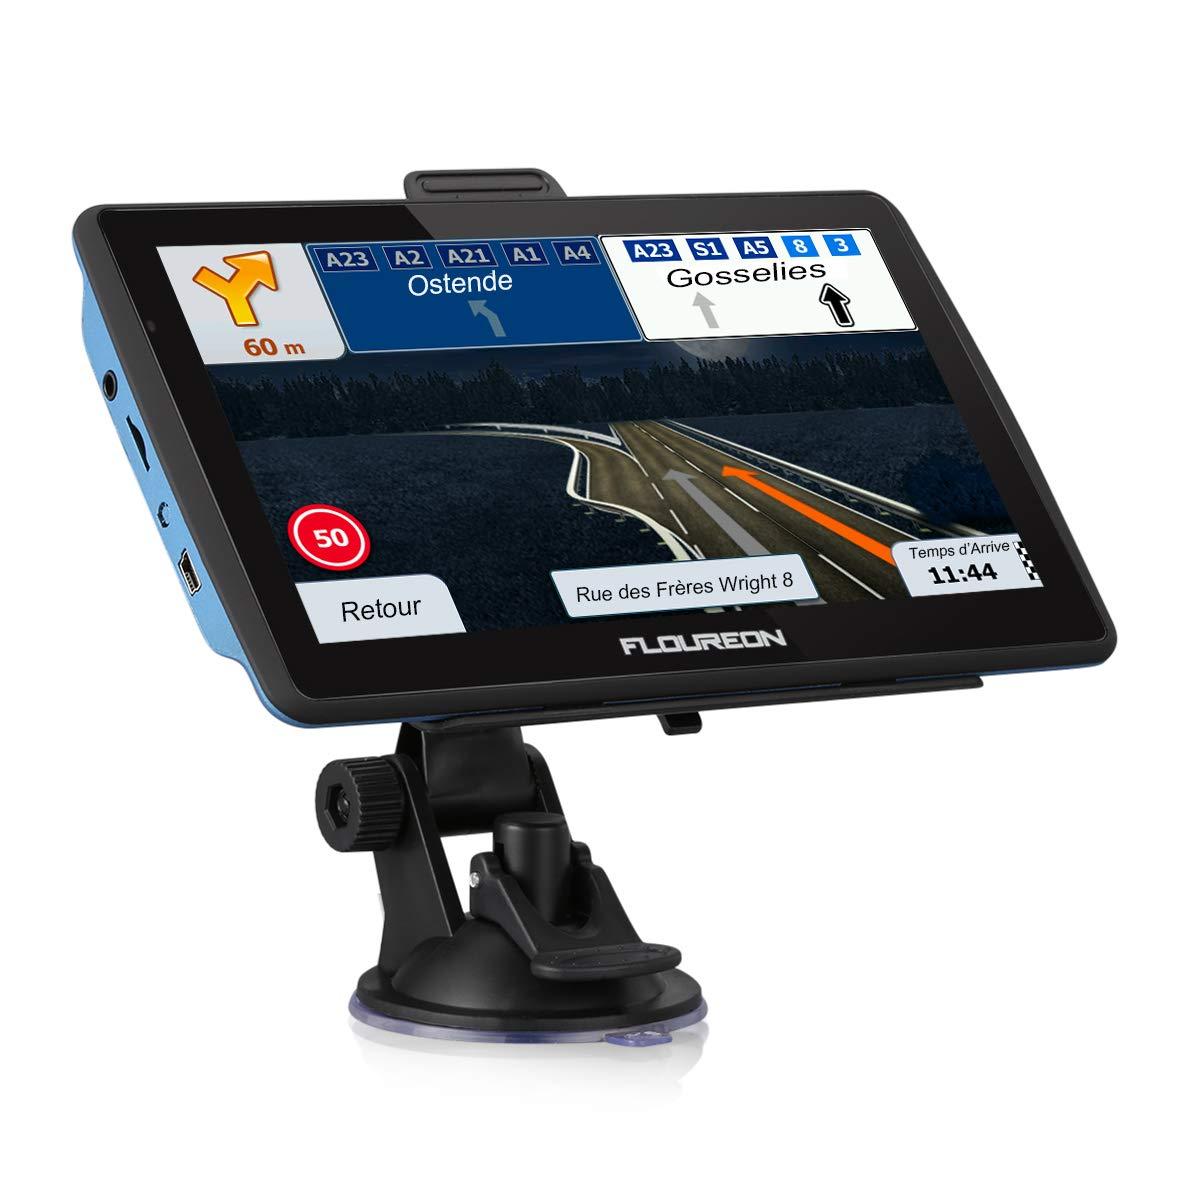 FLOUREON Navigationsgerä t LCD Touchscreen GPS Navigation NAV Navigator freie EU UK Maps Auto Car Taxi, Schwarz